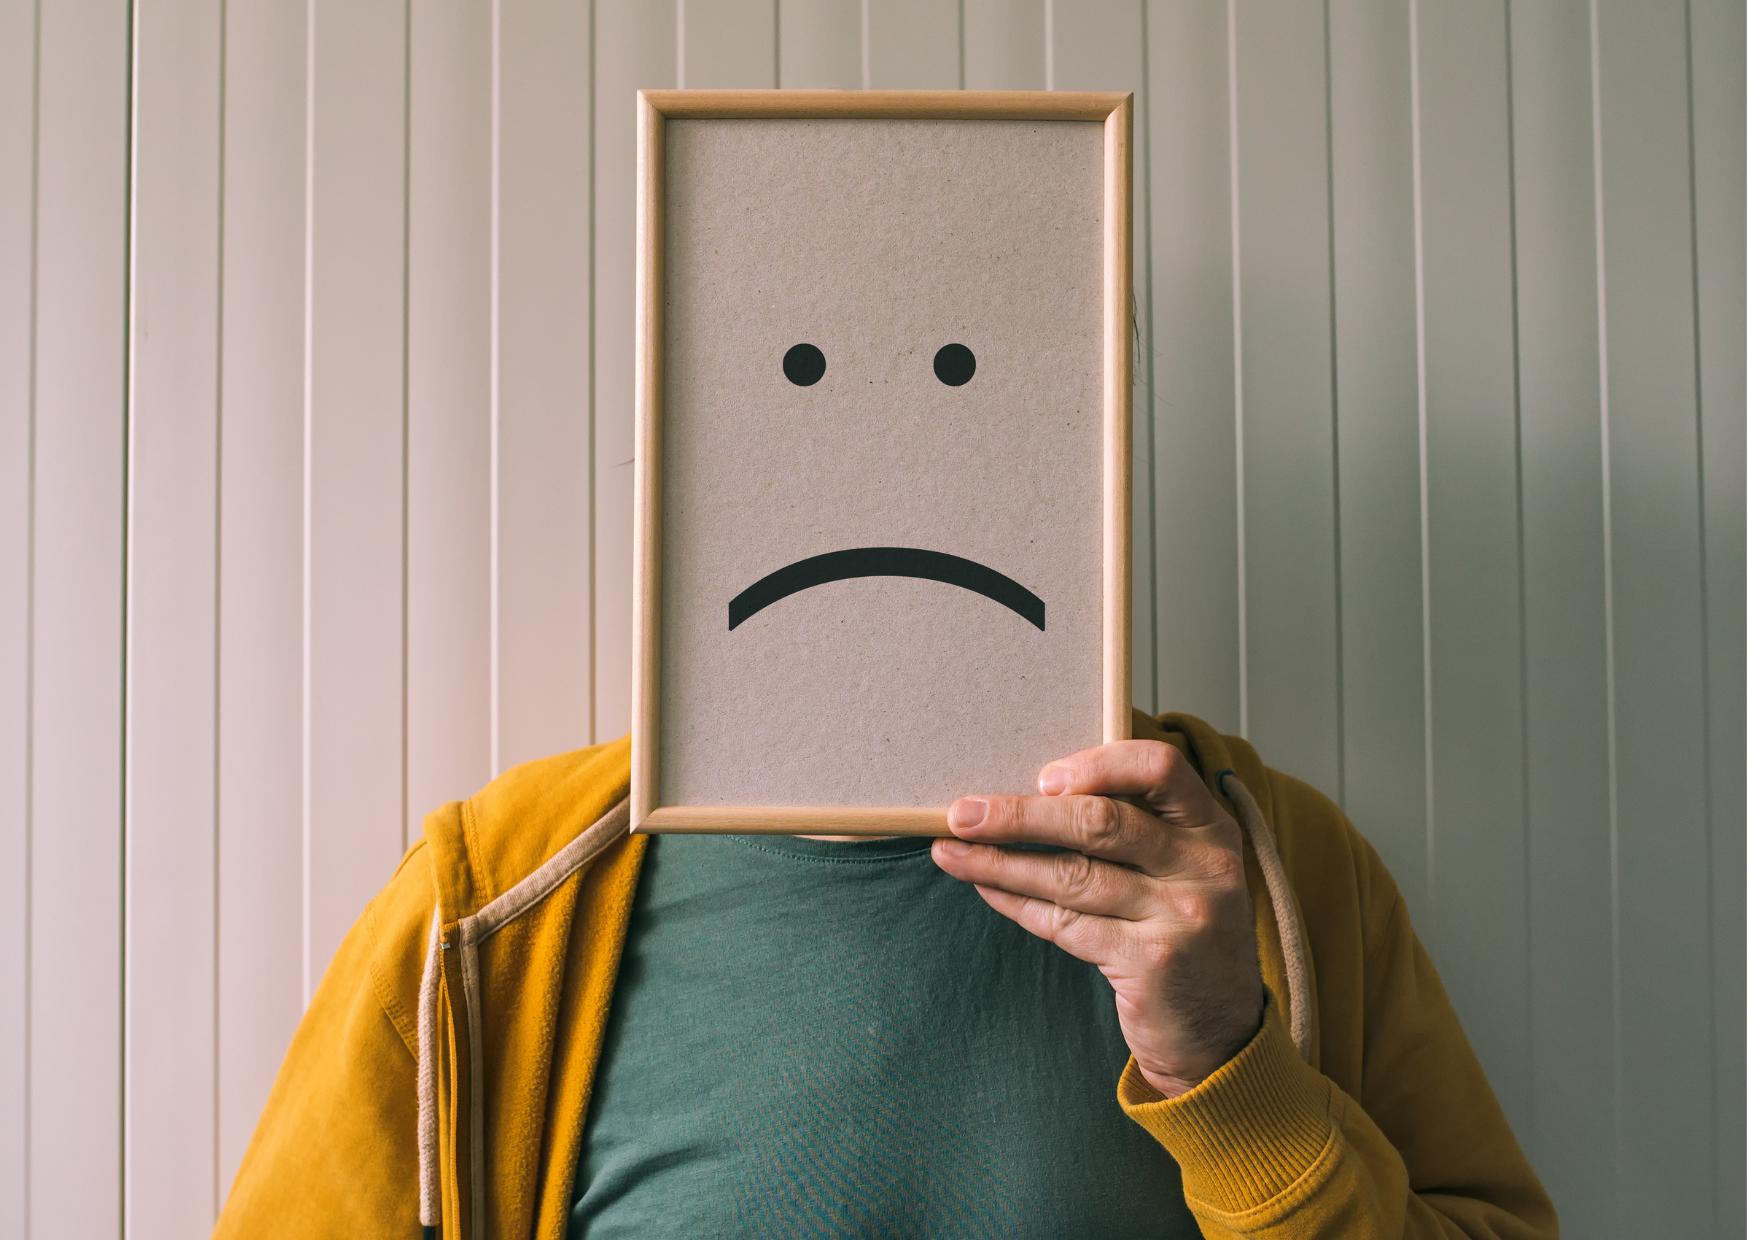 La depre hoy en día: mito y realidad фото